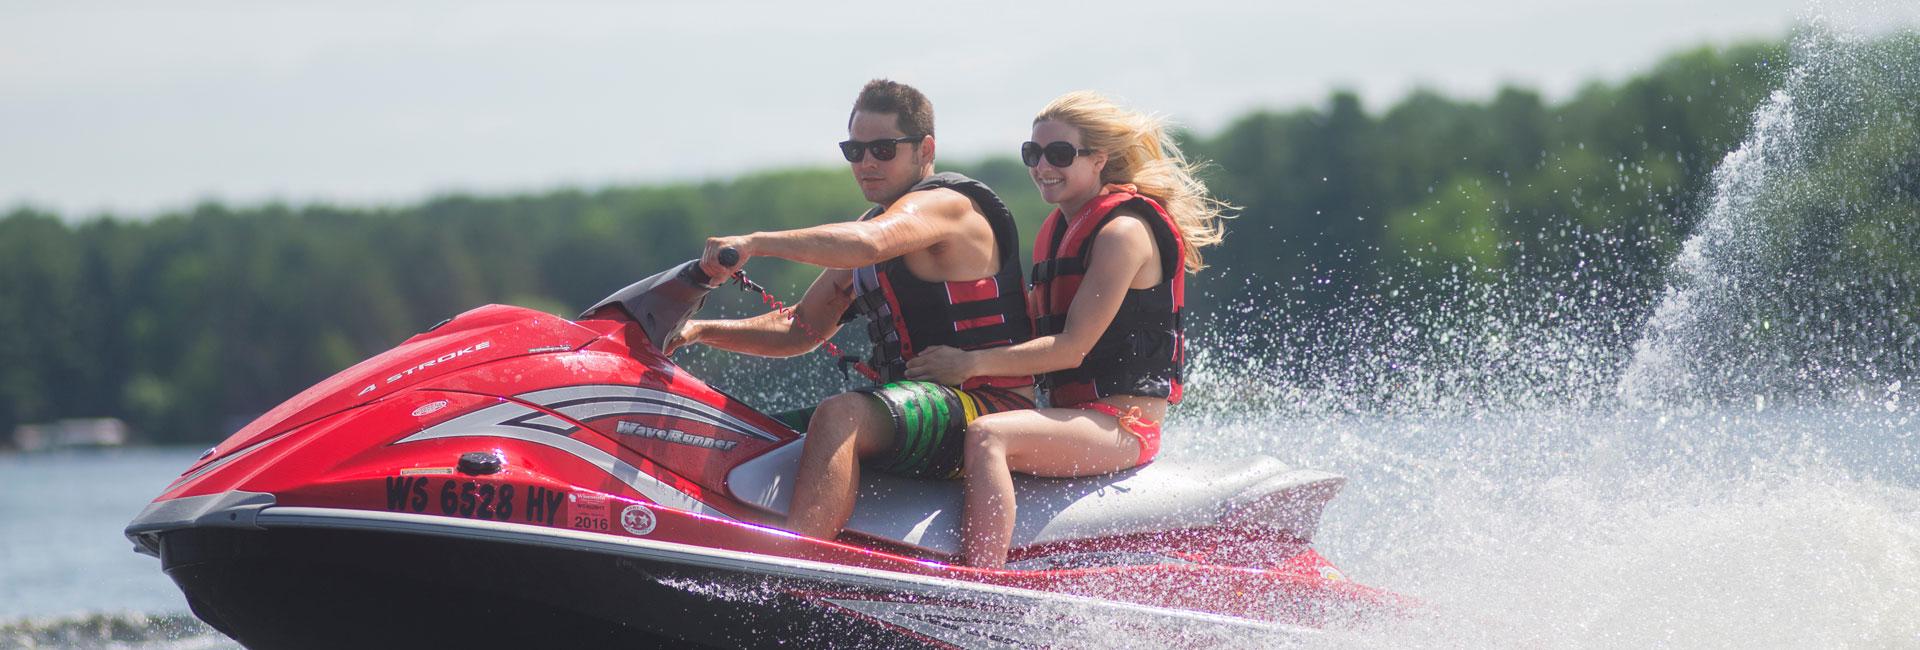 Waverunner Rentals on Lake Delton